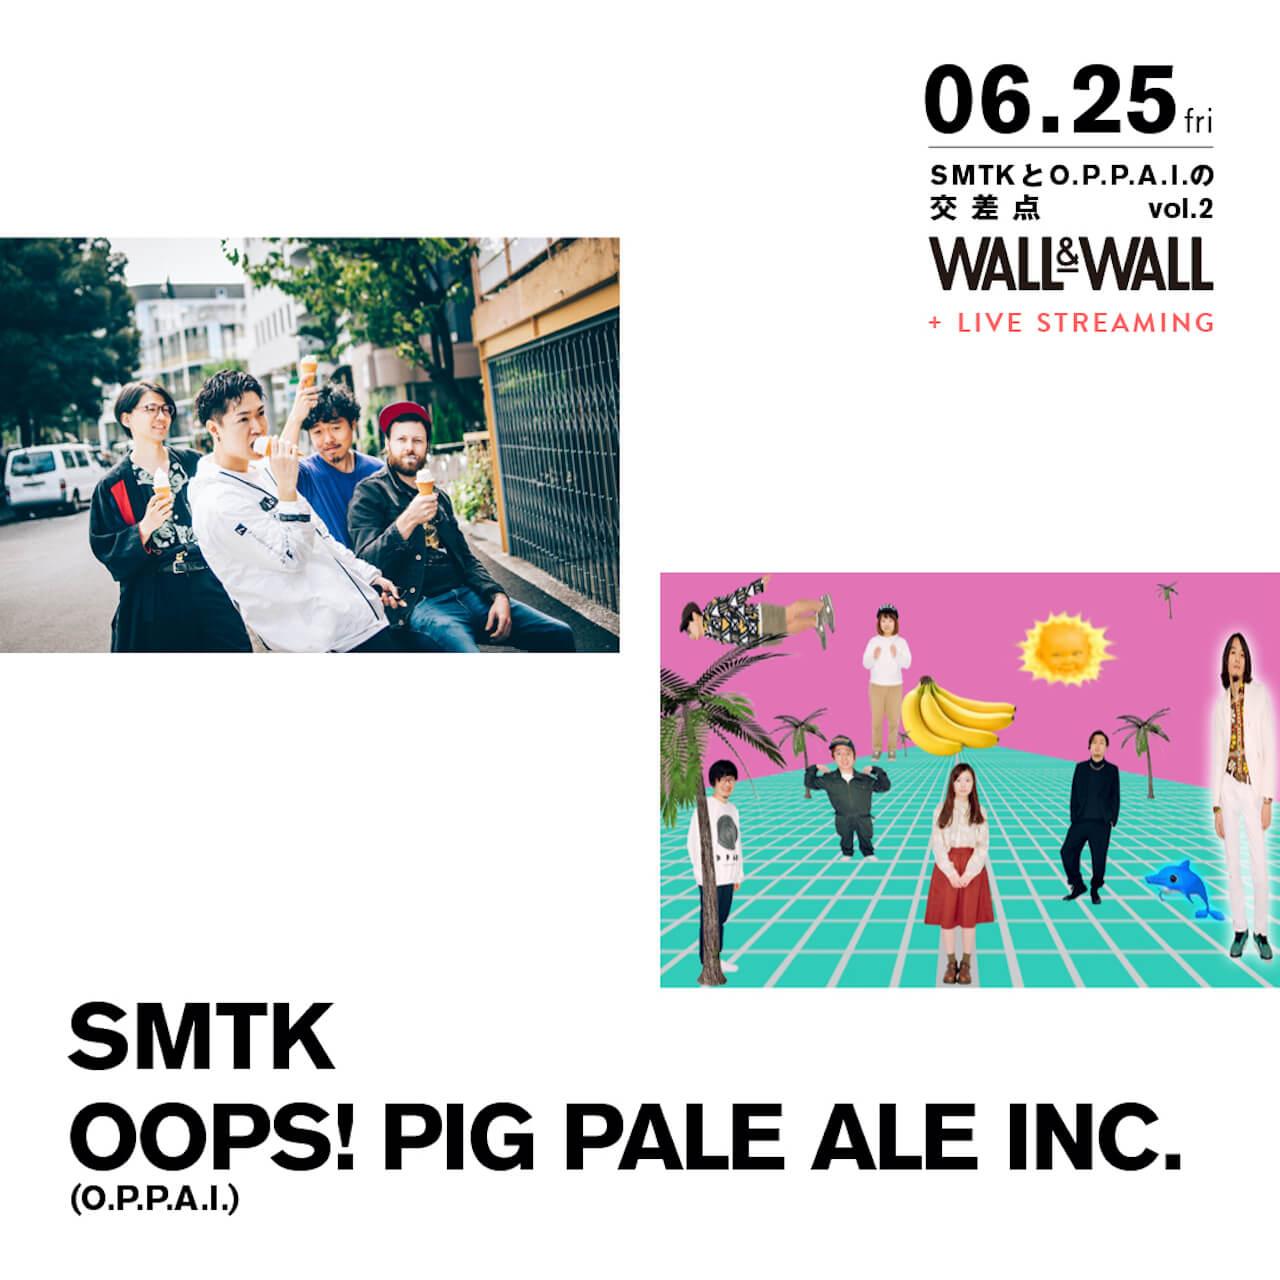 石若駿が結成したSMTKと、伊吹文裕率いるOOPS! PIG PALE ALE INC.による2マン企画が表参道WALL&WALLで開催 music210605-smtk-oppai-1